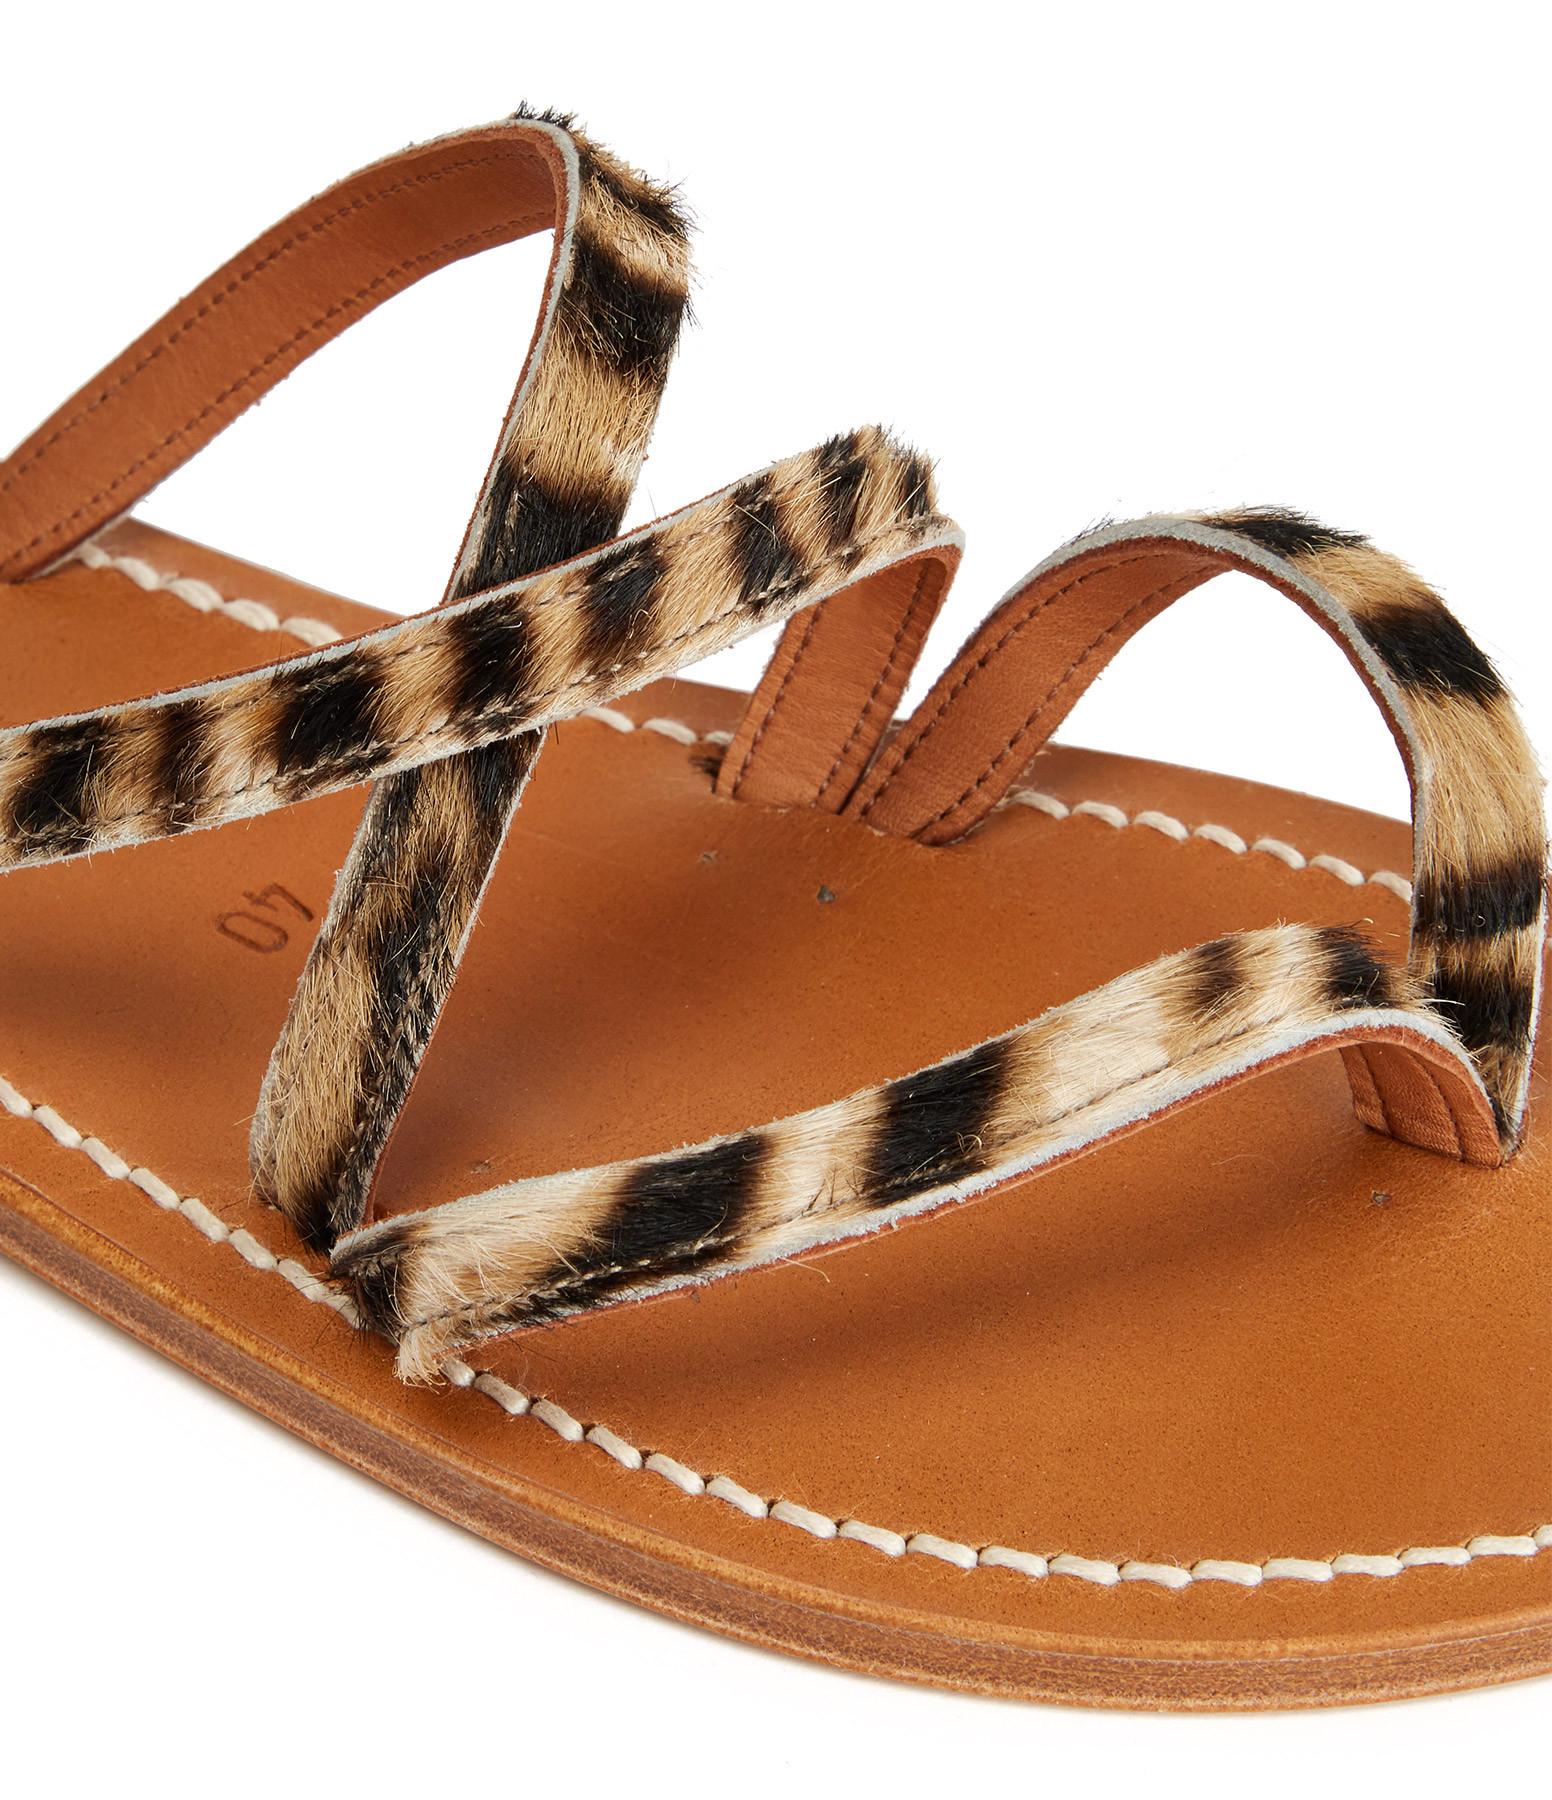 K.JACQUES - Sandales Epicure Cuir Horsy Tigre